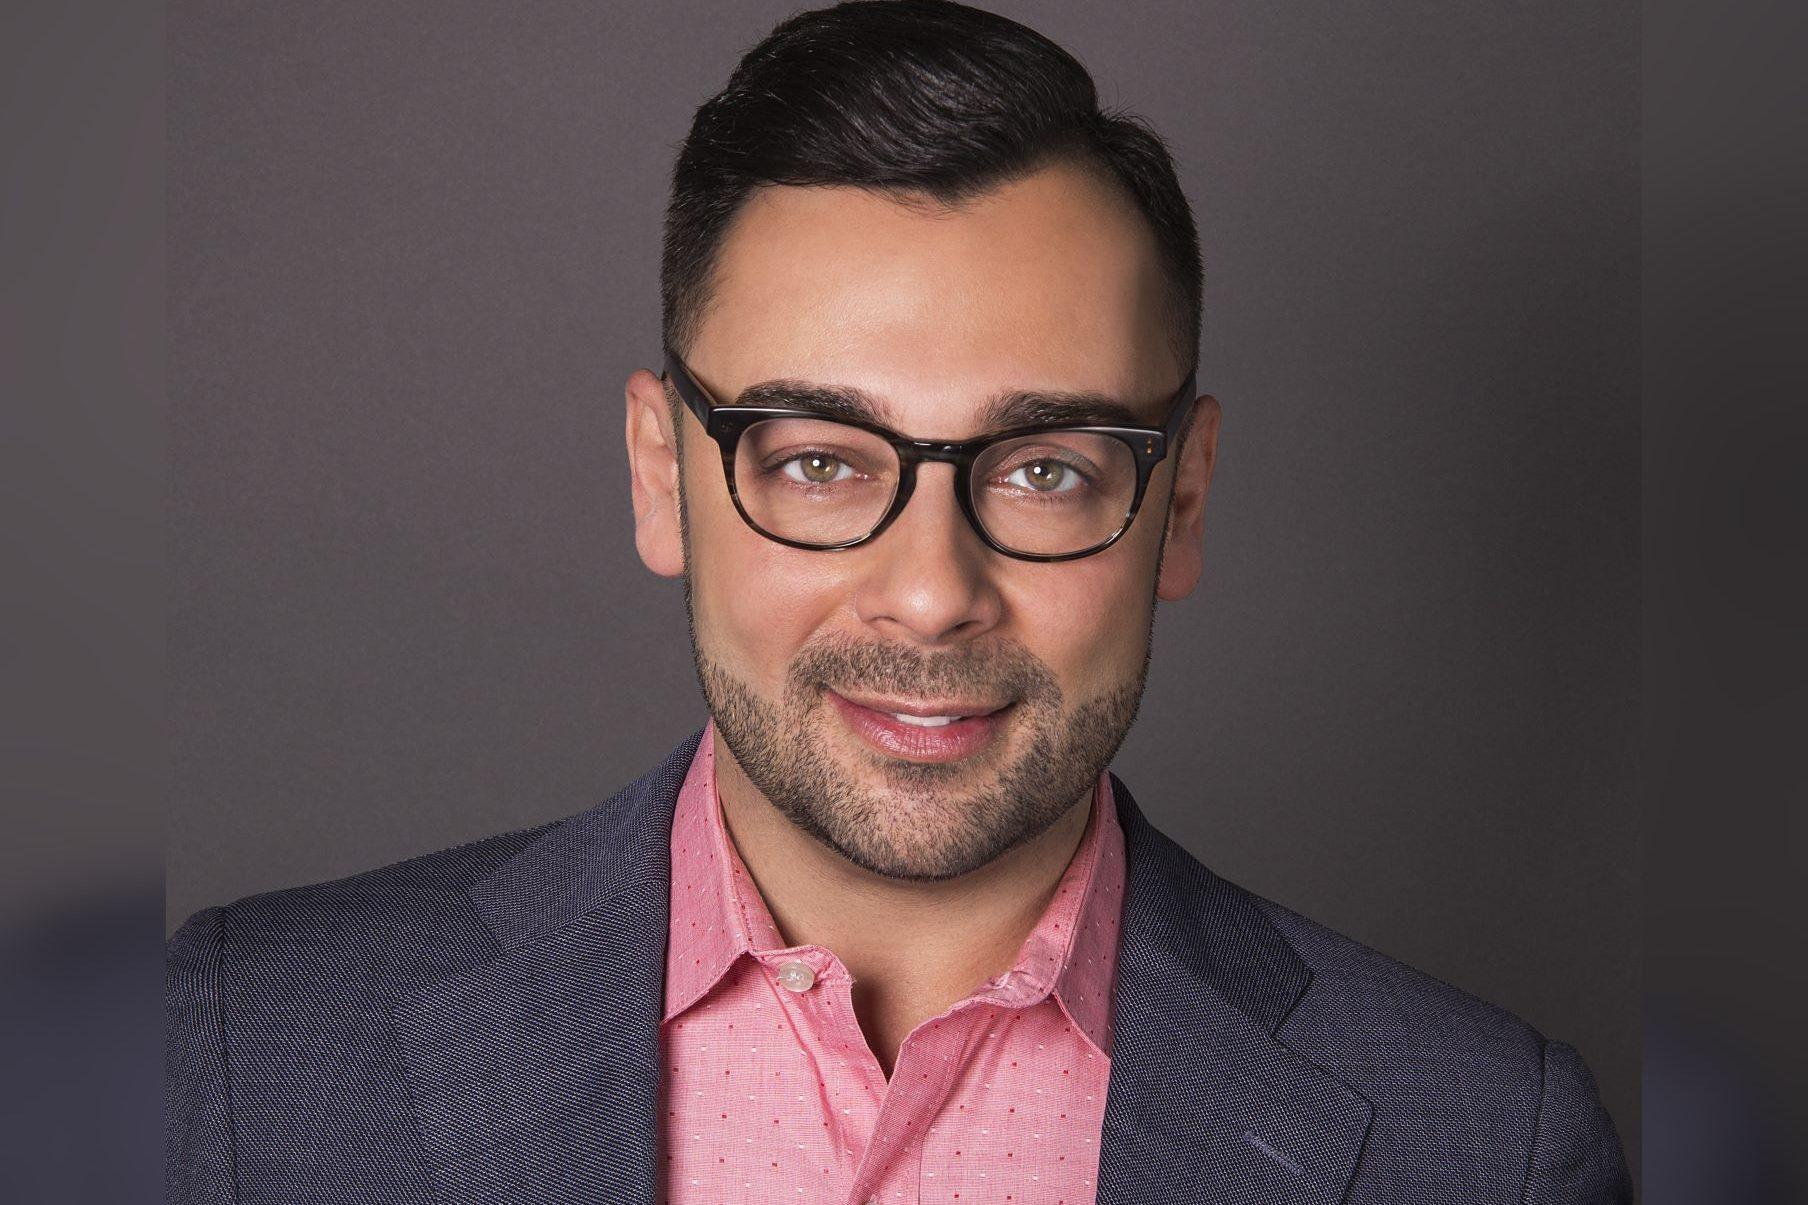 Edgar-Villanueva-headshot